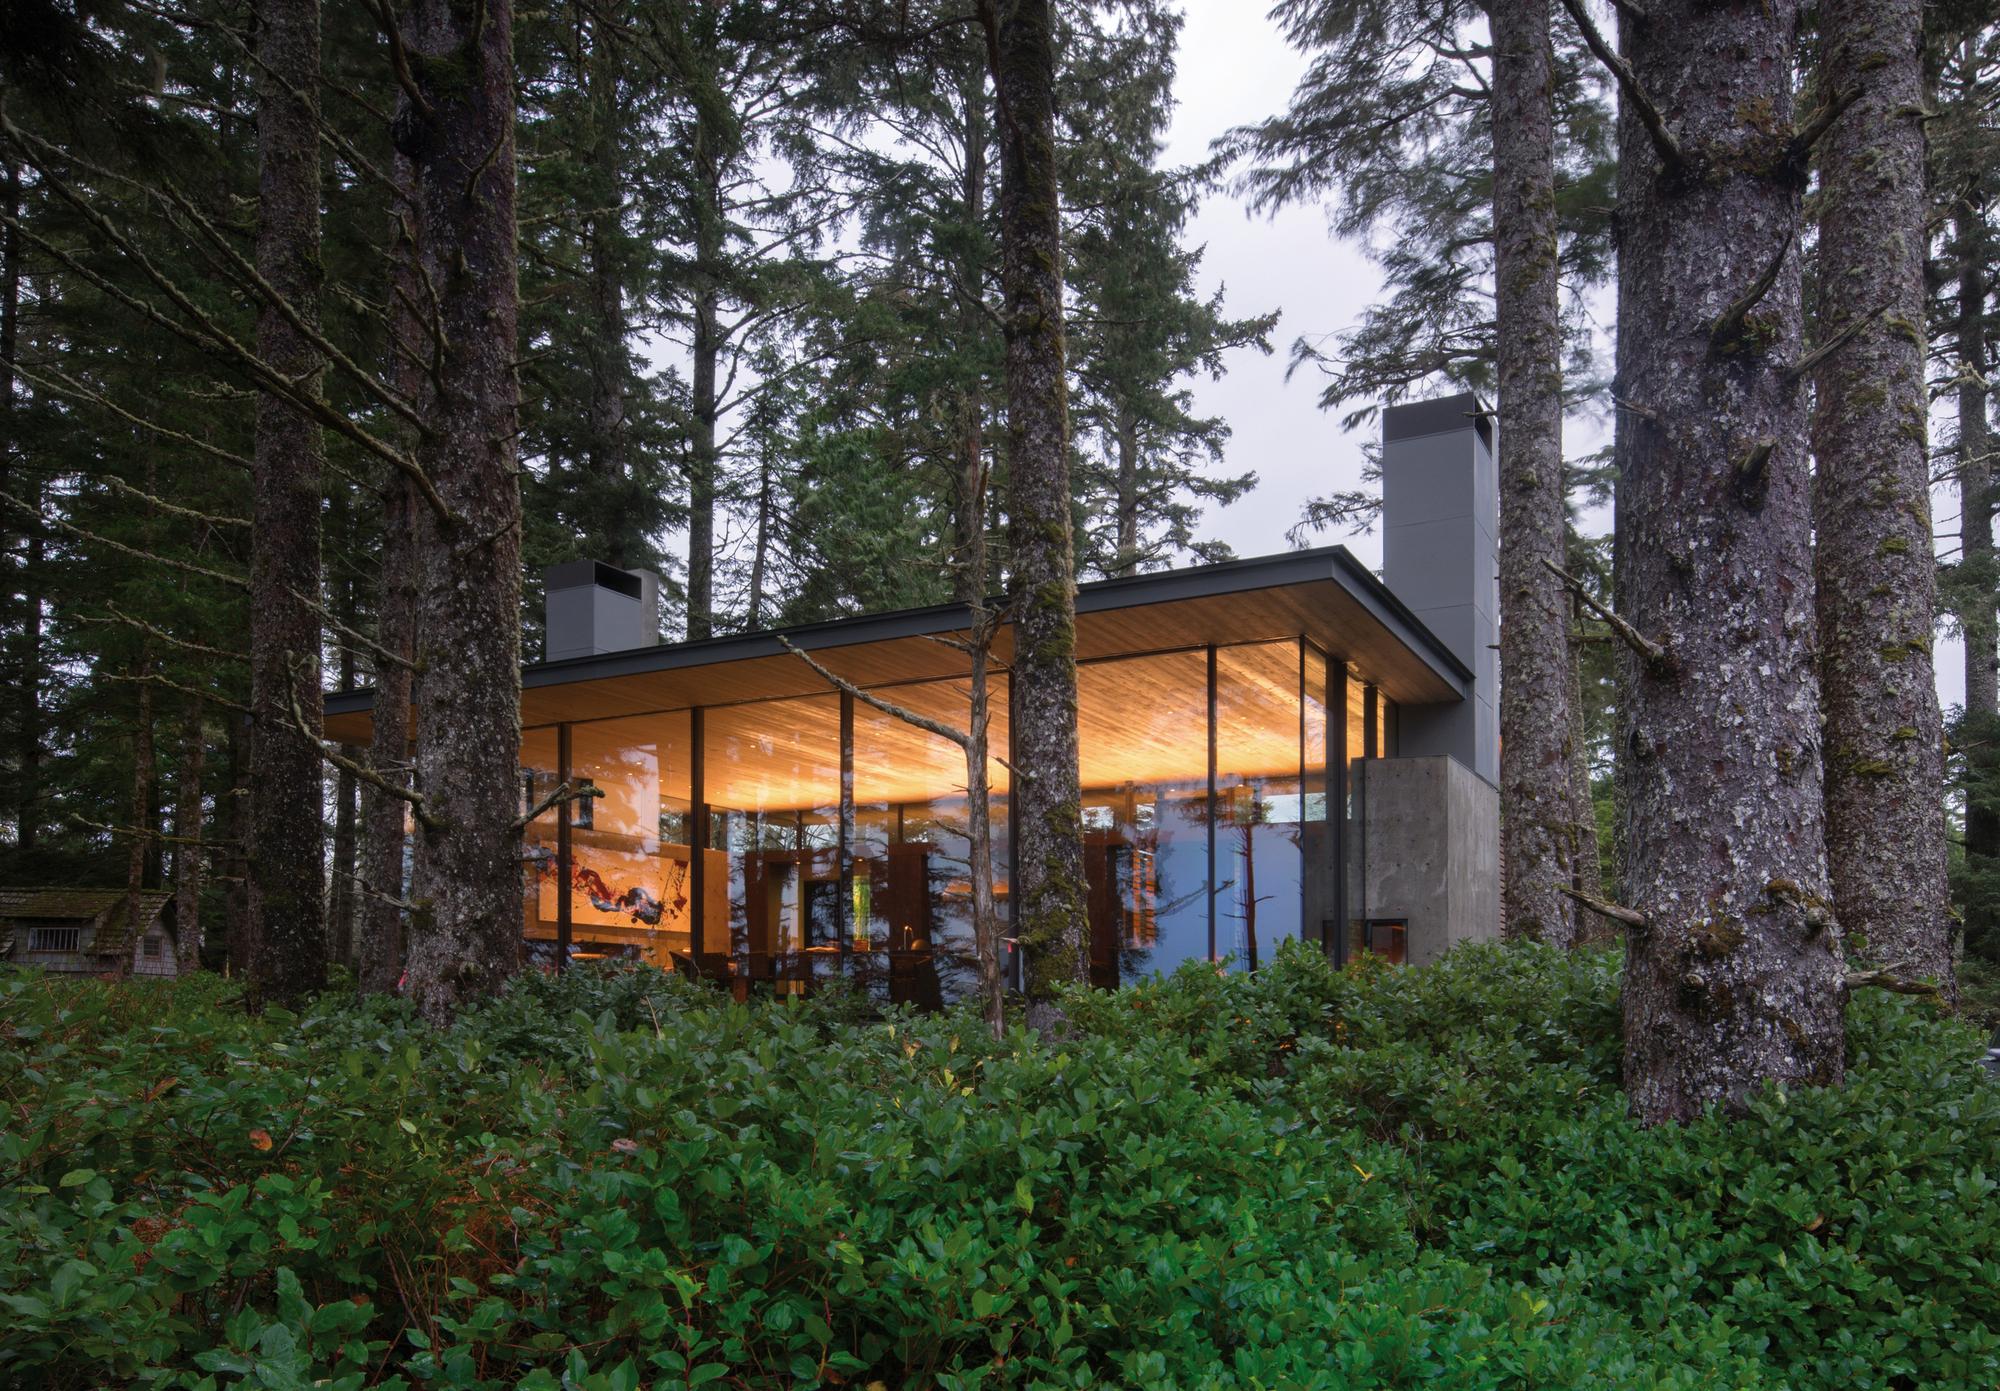 Gallery of Tofino Beach House / Olson Kunding - 1